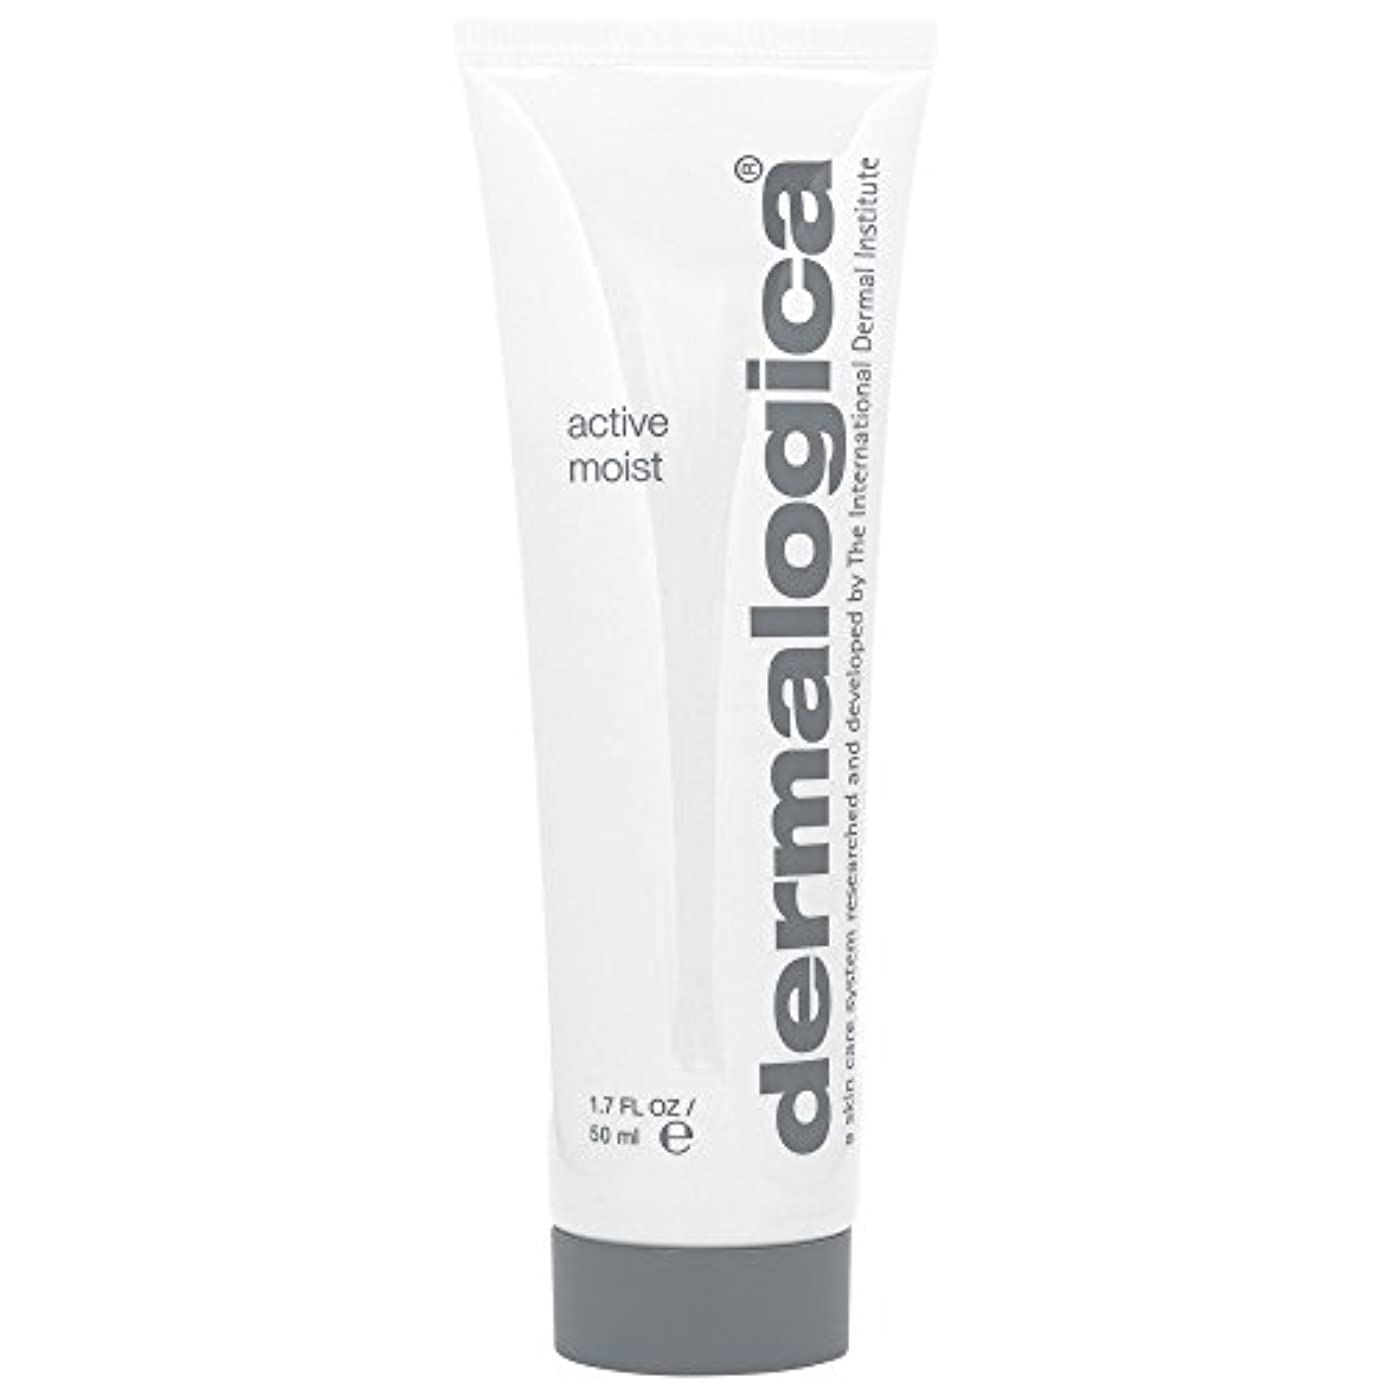 恥ずかしさ高価な支援するダーマロジカアクティブ湿った顔の保湿剤の50ミリリットル (Dermalogica) - Dermalogica Active Moist Facial Moisturiser 50ml [並行輸入品]